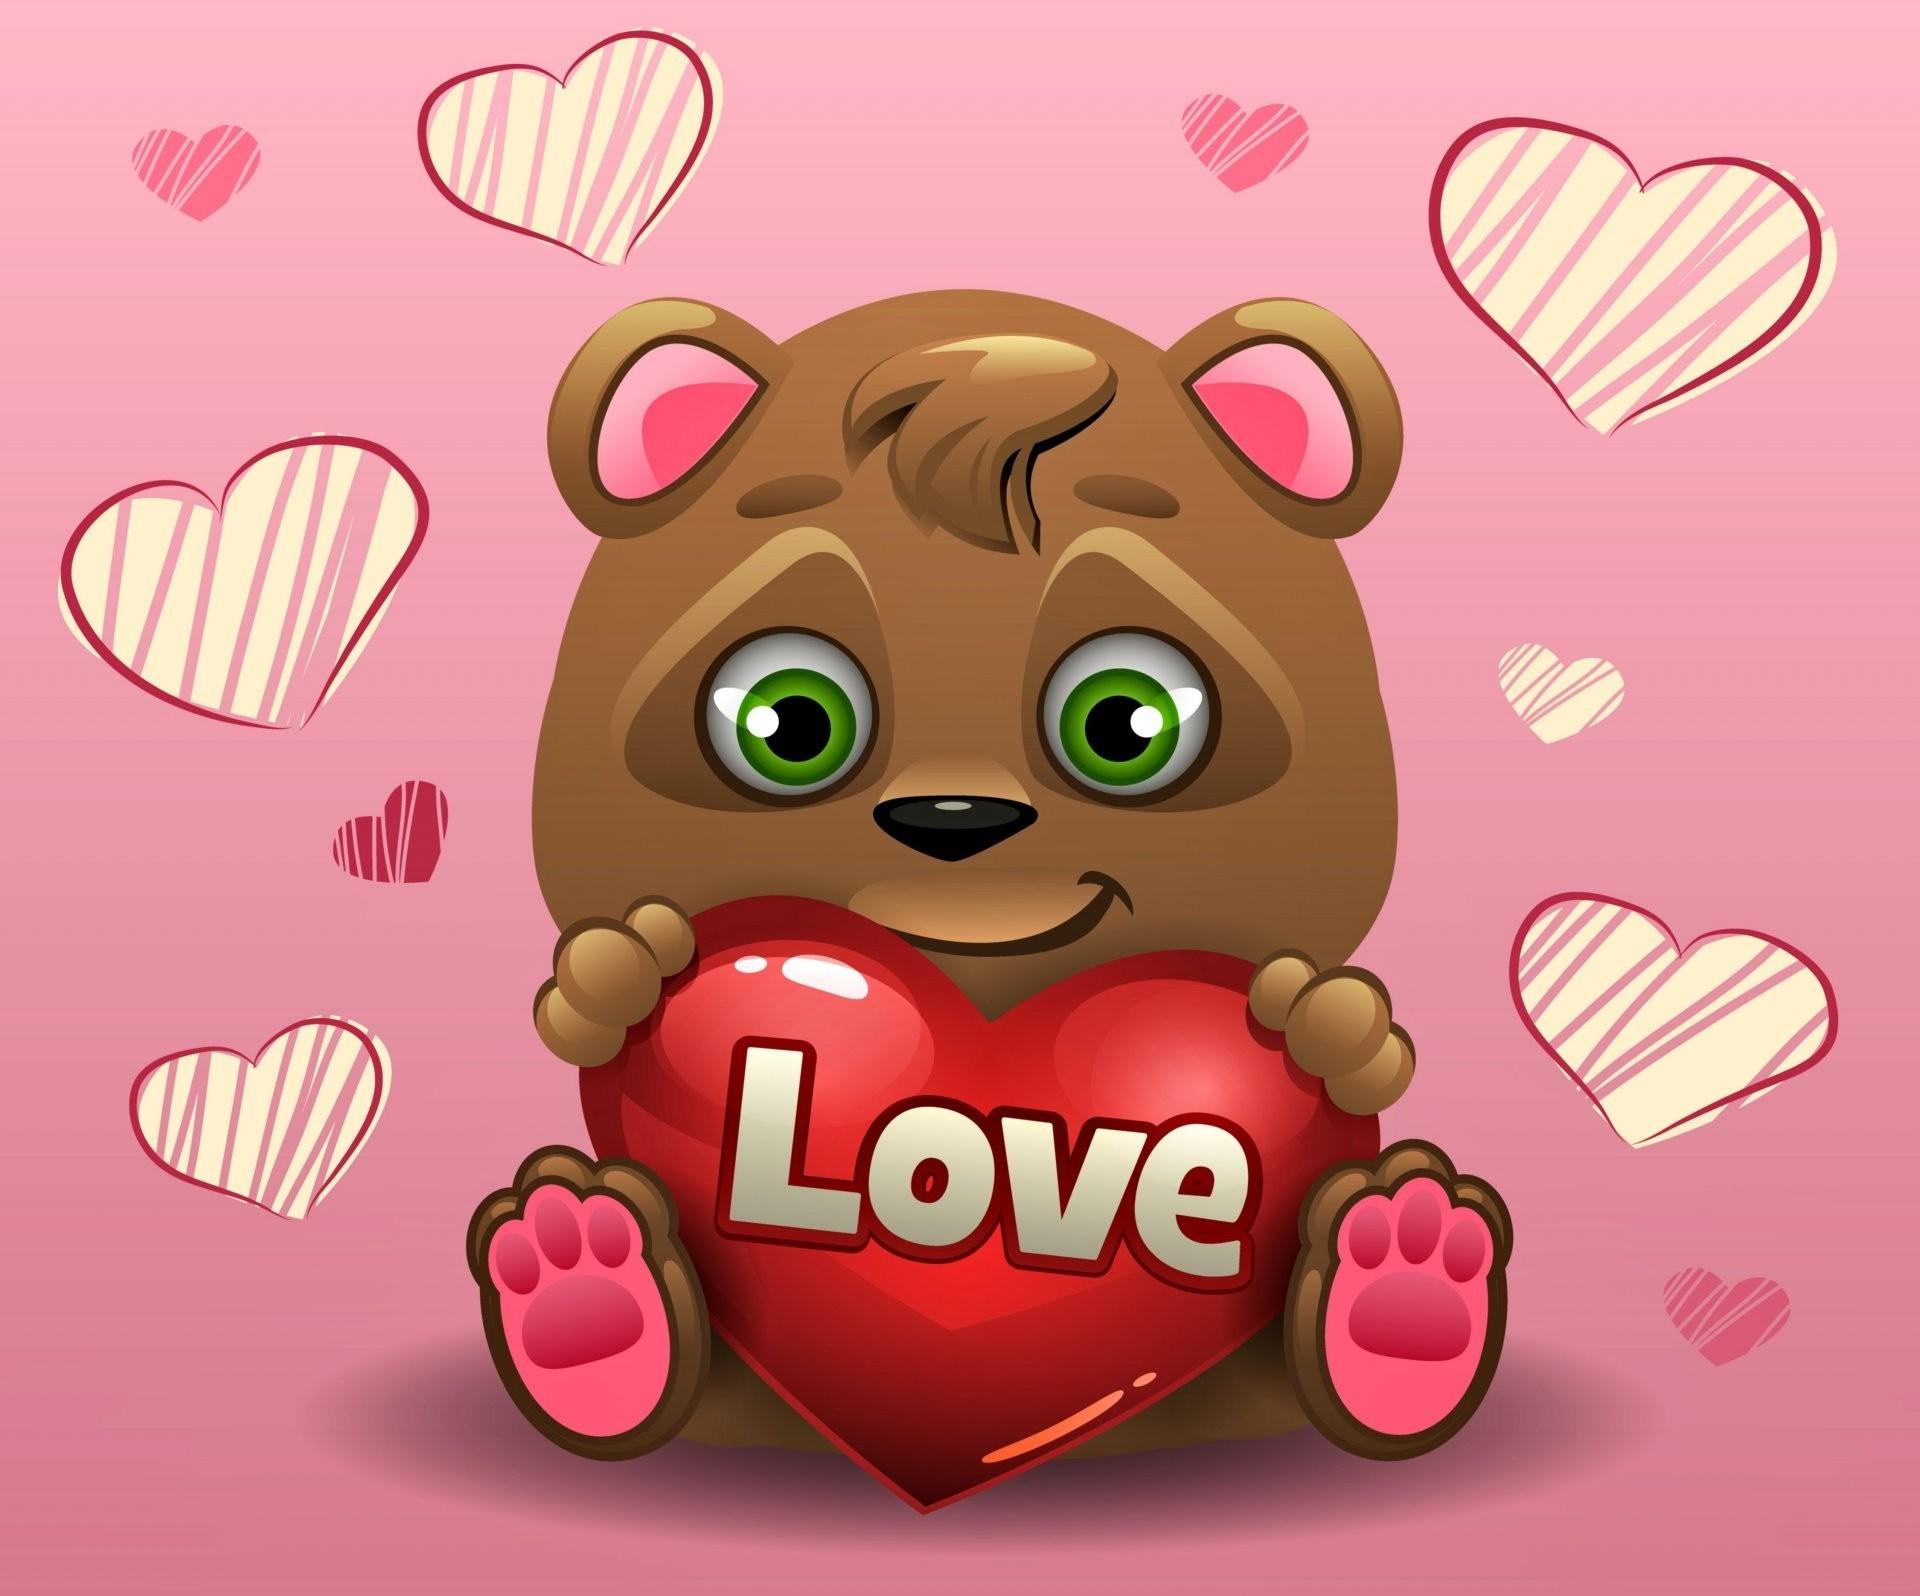 valentine's day love heart romantic teddy bear heart teddy bear